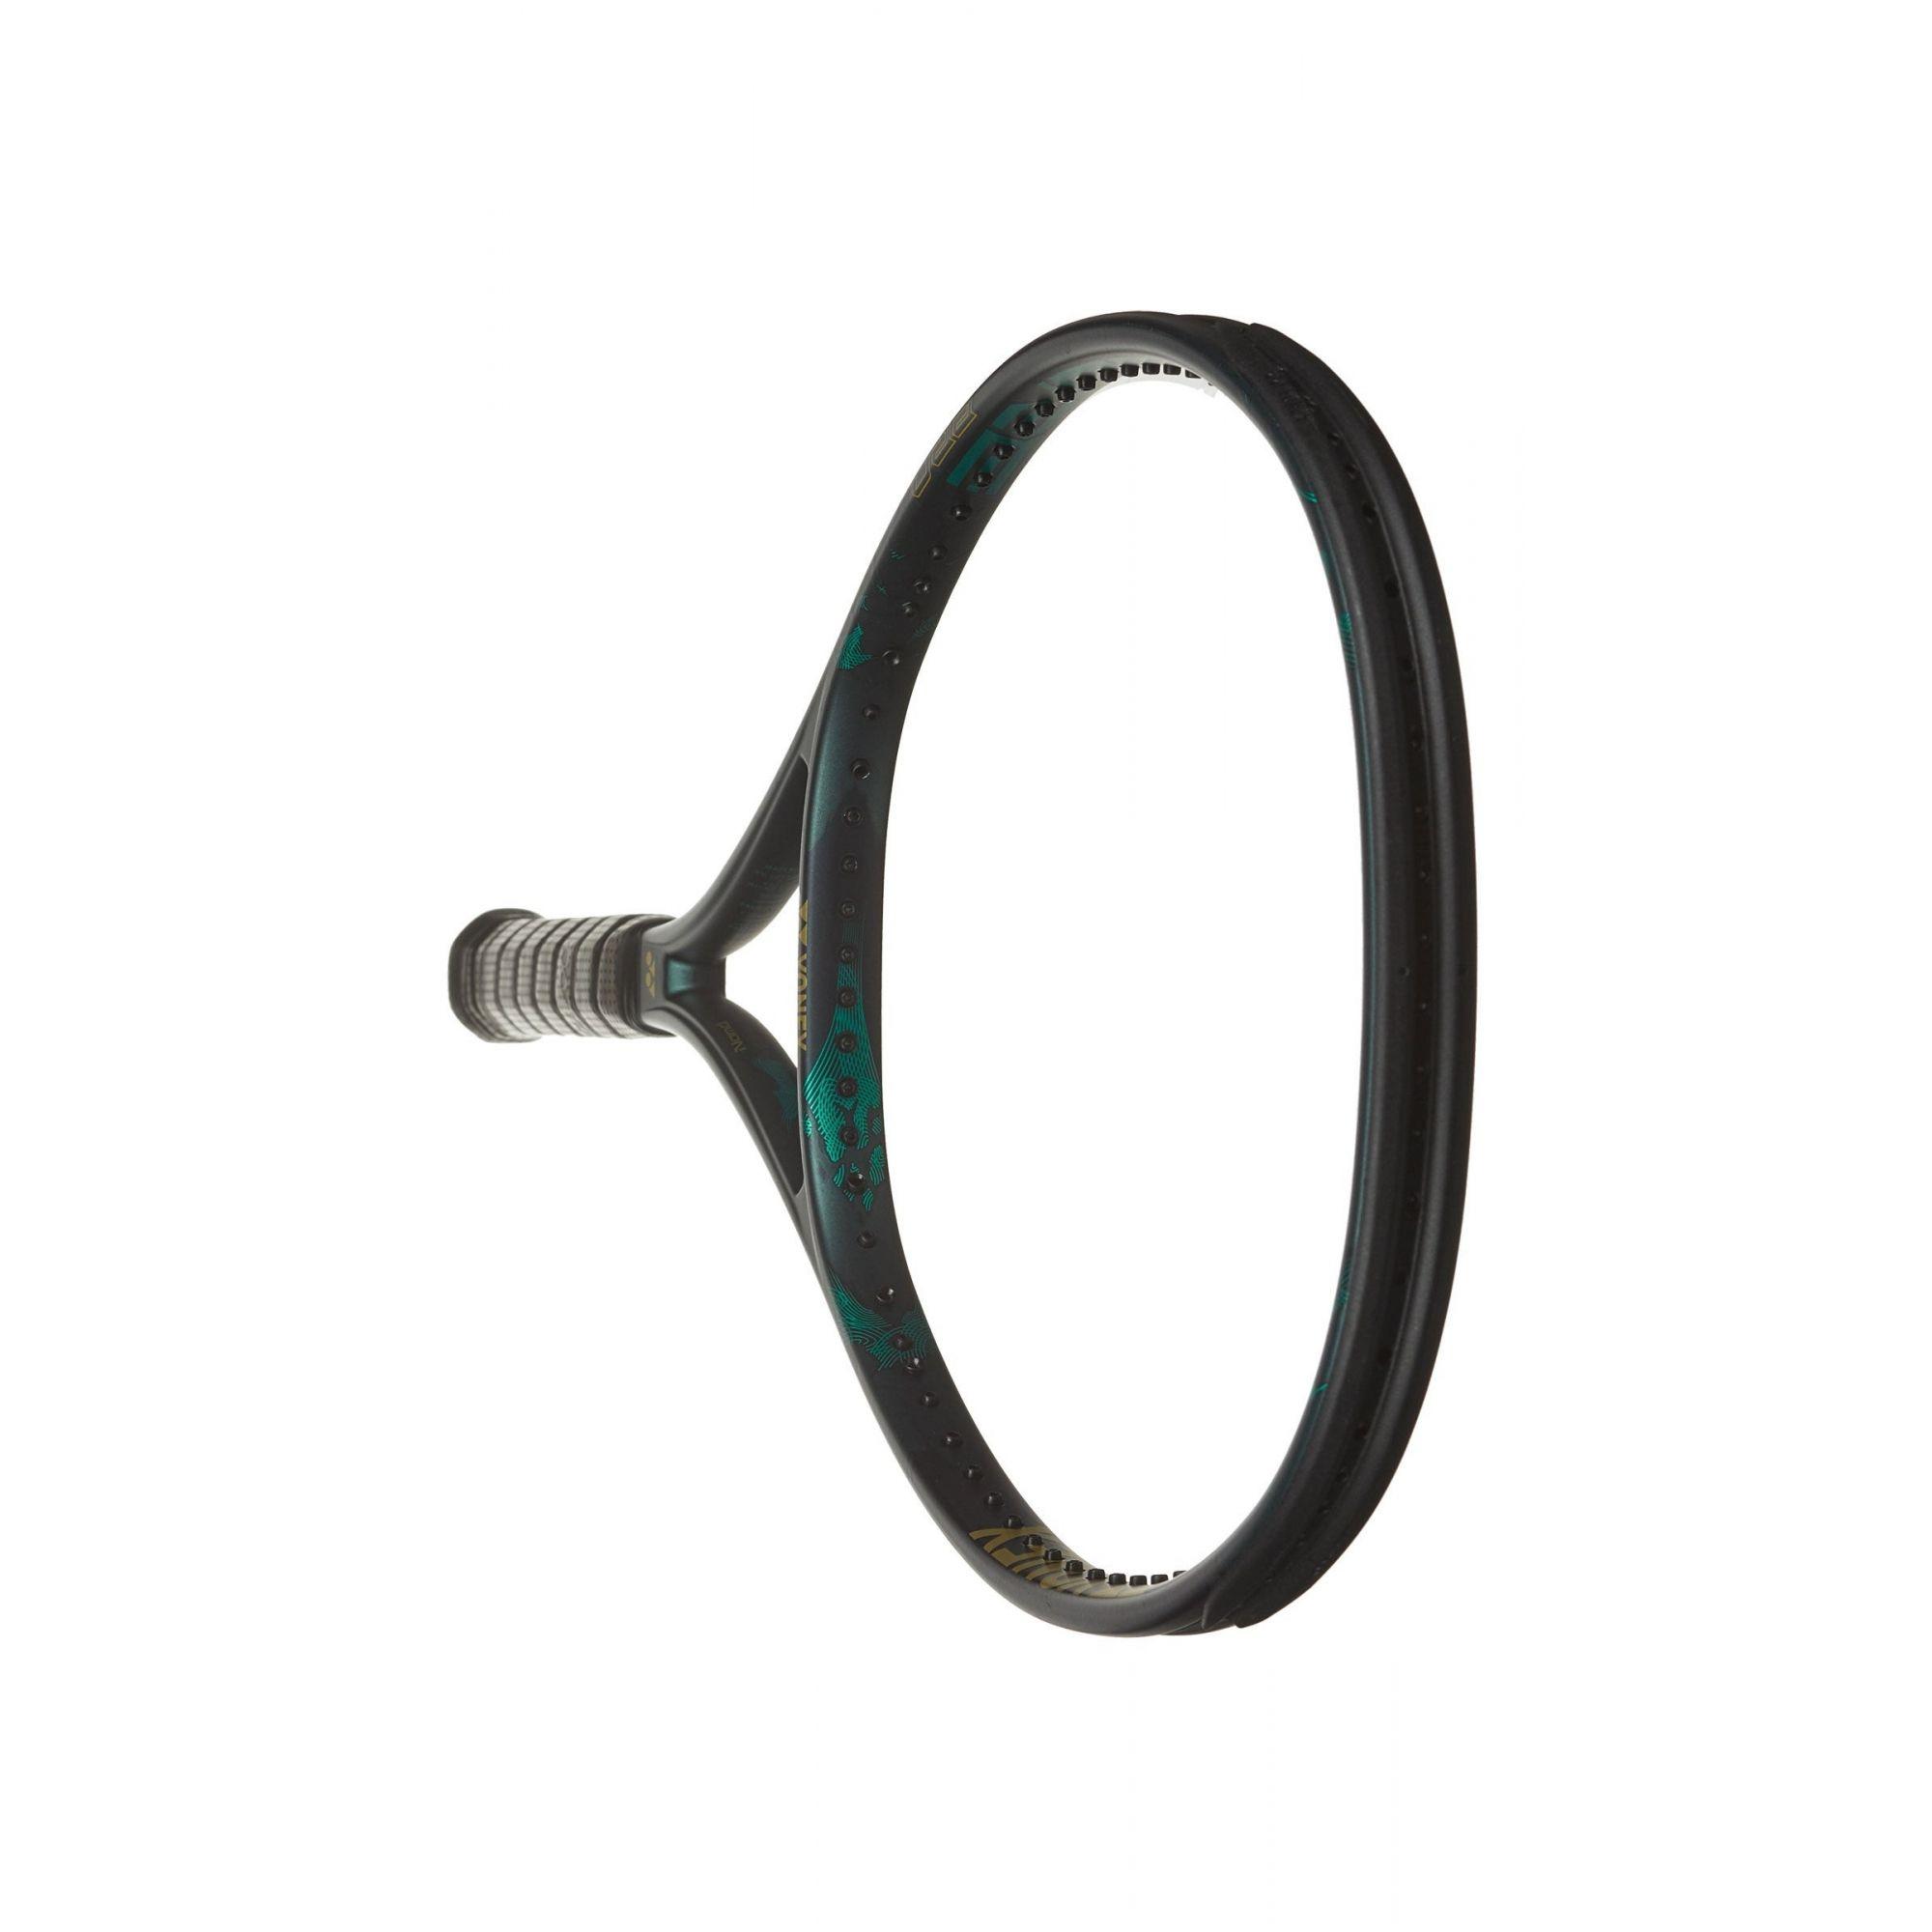 Raquete de Tênis Yonex VCORE PRO 97 - Verde fosco